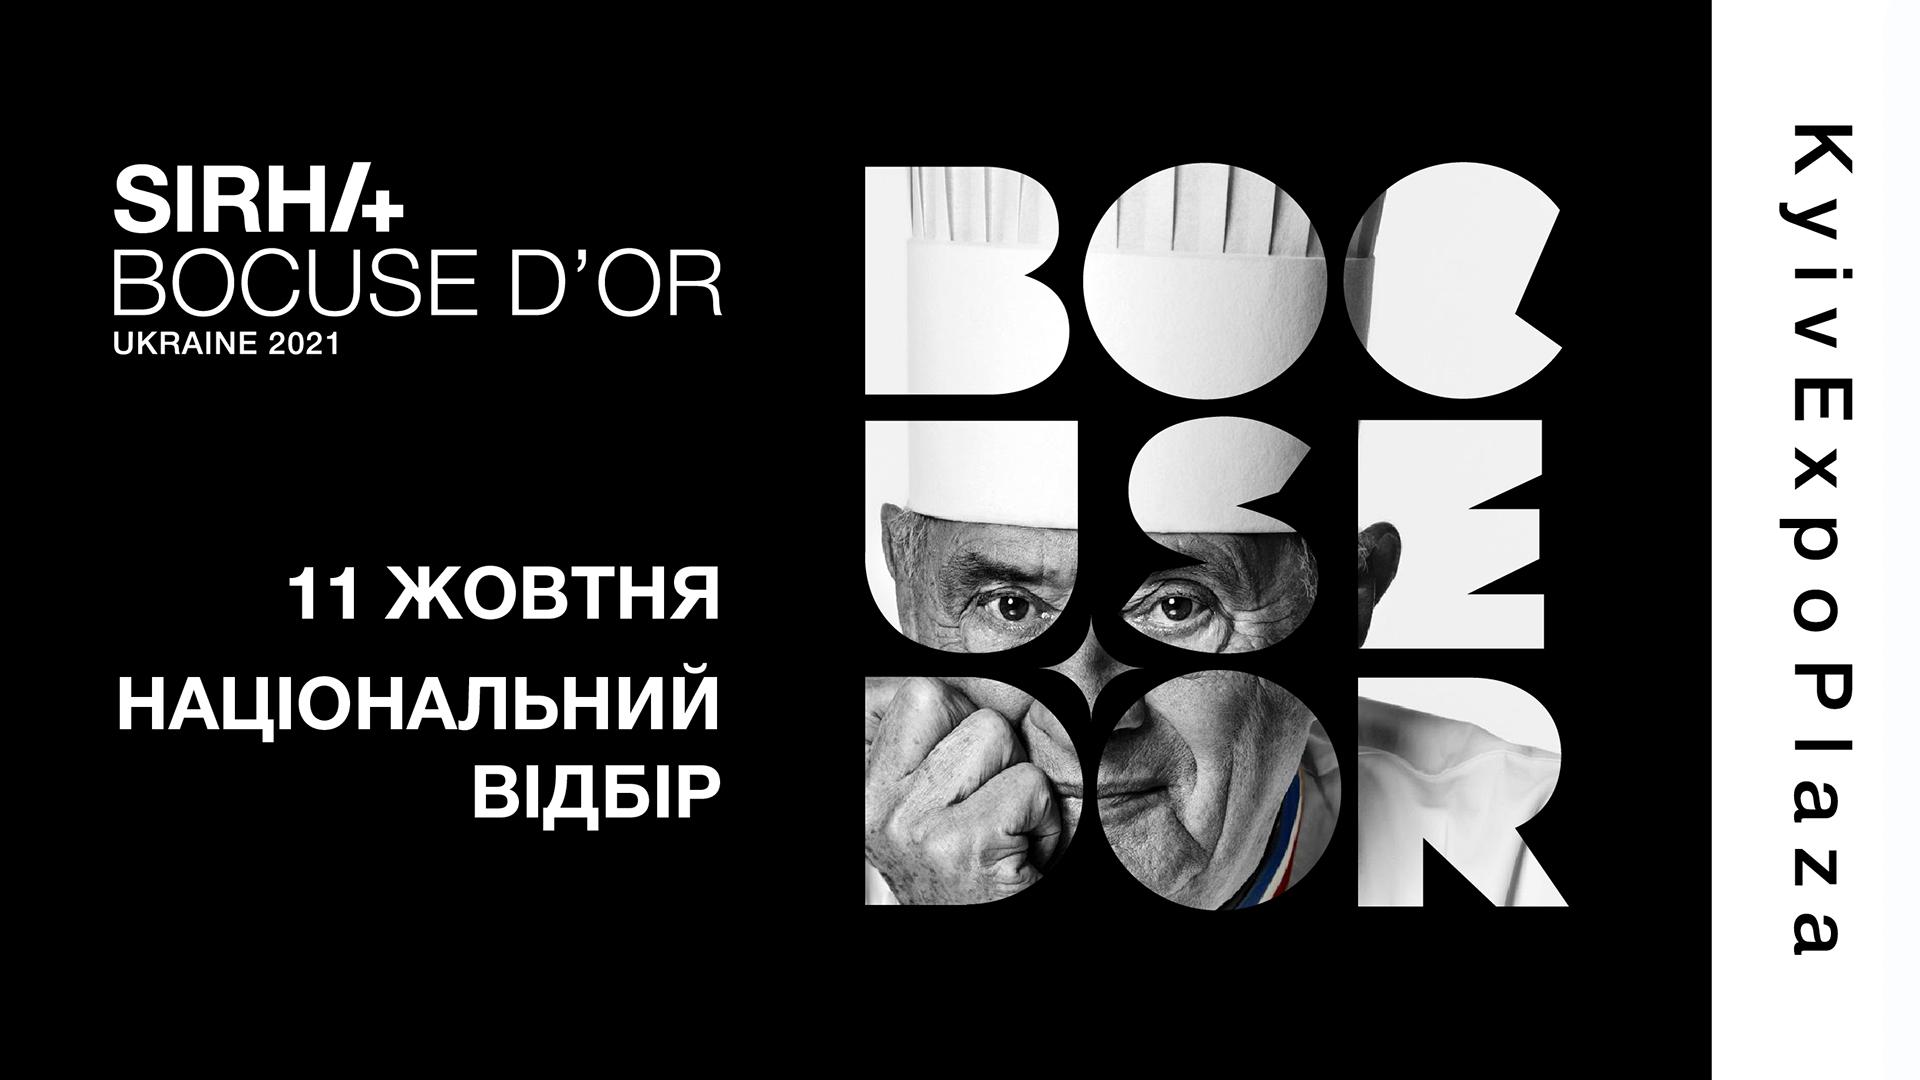 Національний відбір Bocuse d'Or Ukraine 2021 відбудеться 11 жовтня